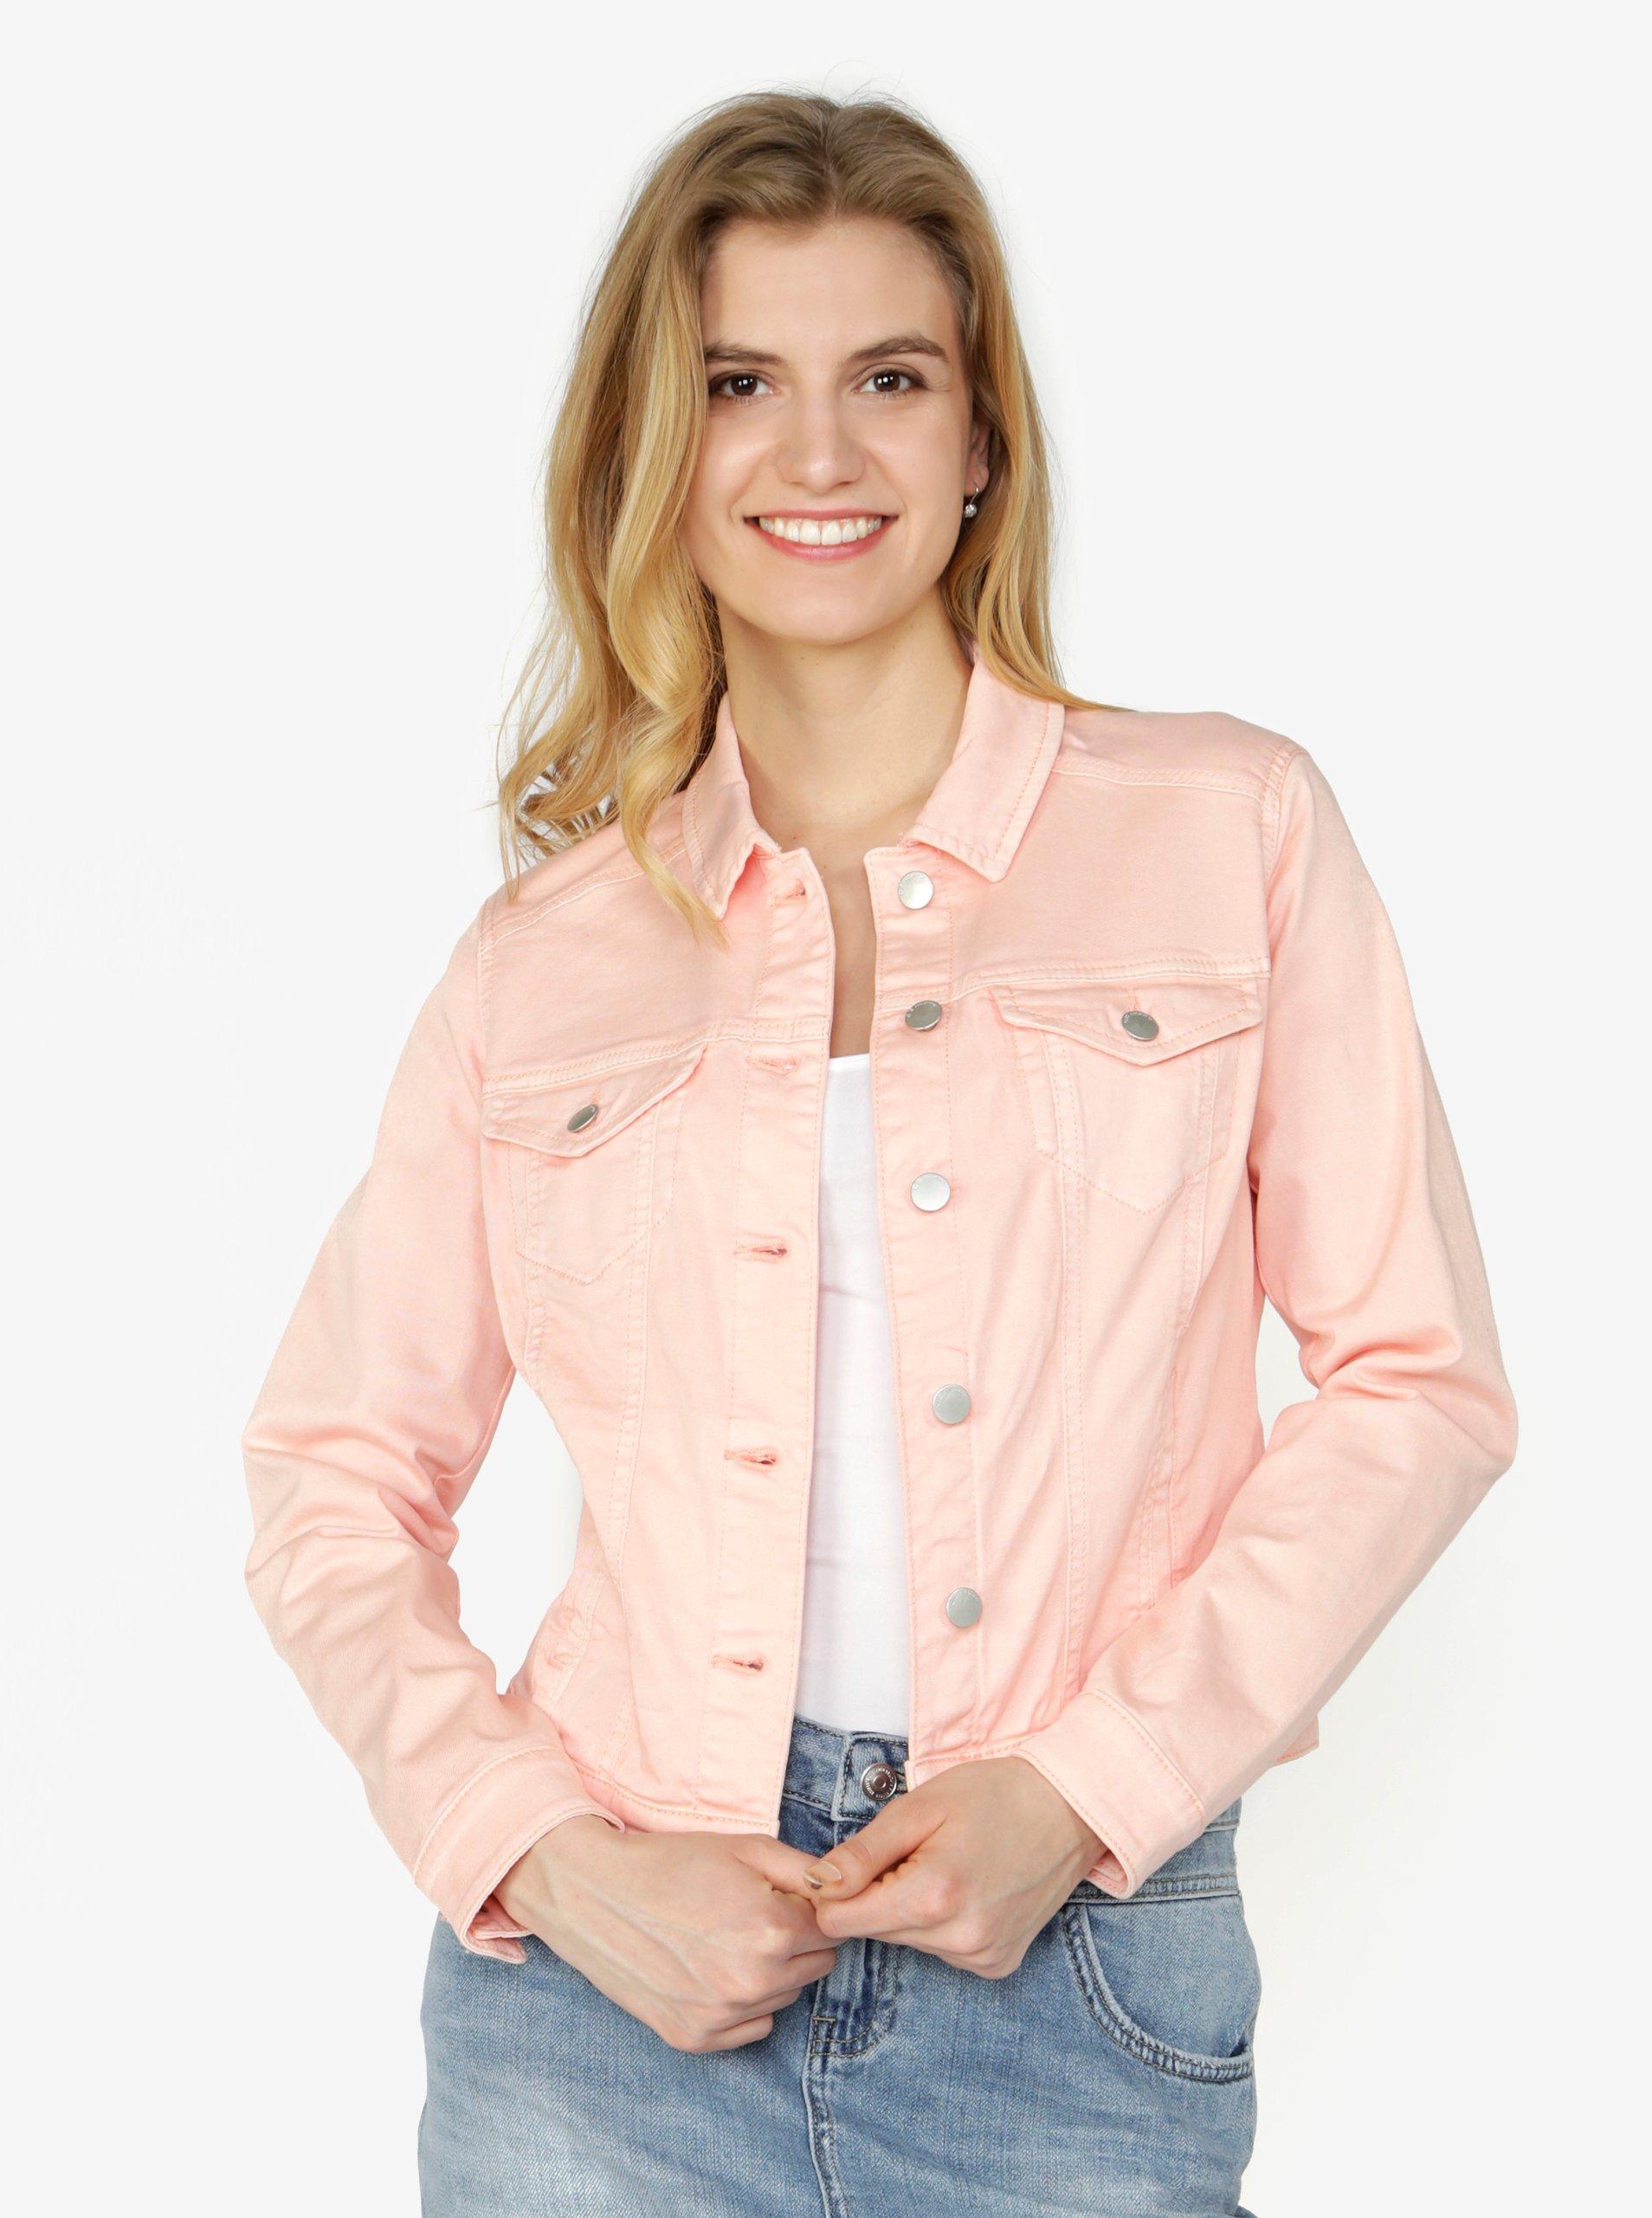 c4cae005a131 Ružová dámska rifľová bunda QS by s.Oliver